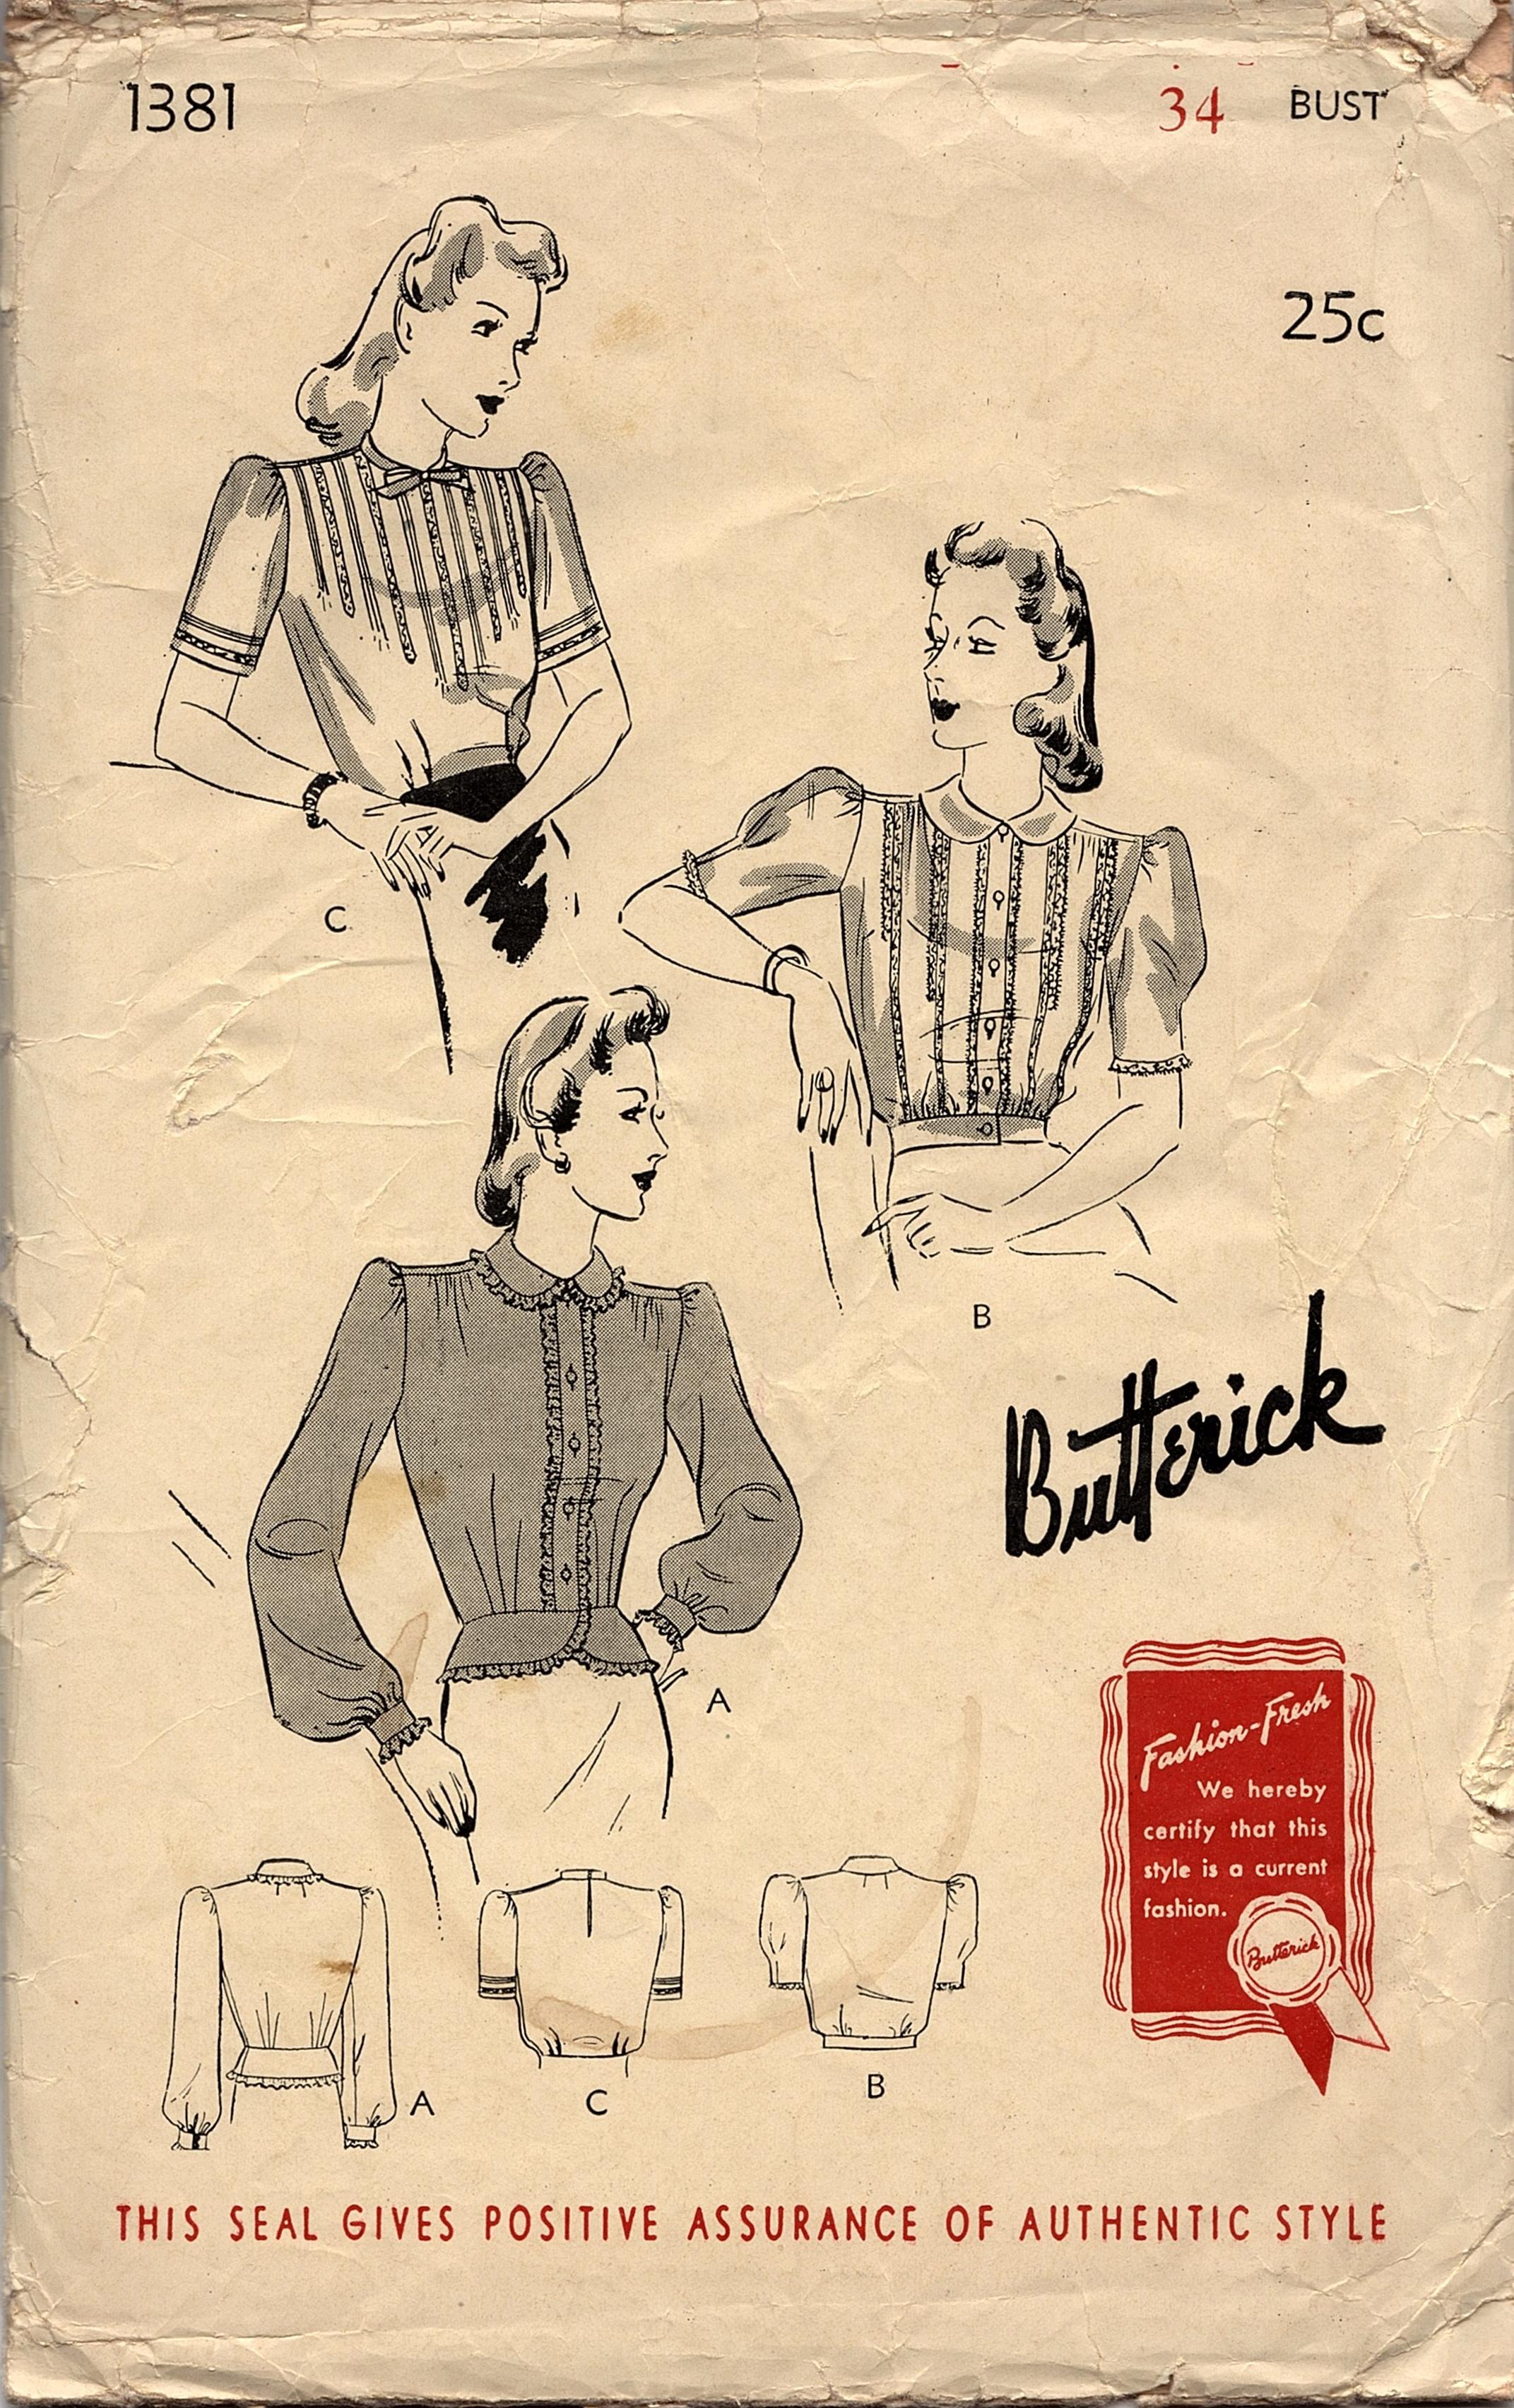 Butterick 1381